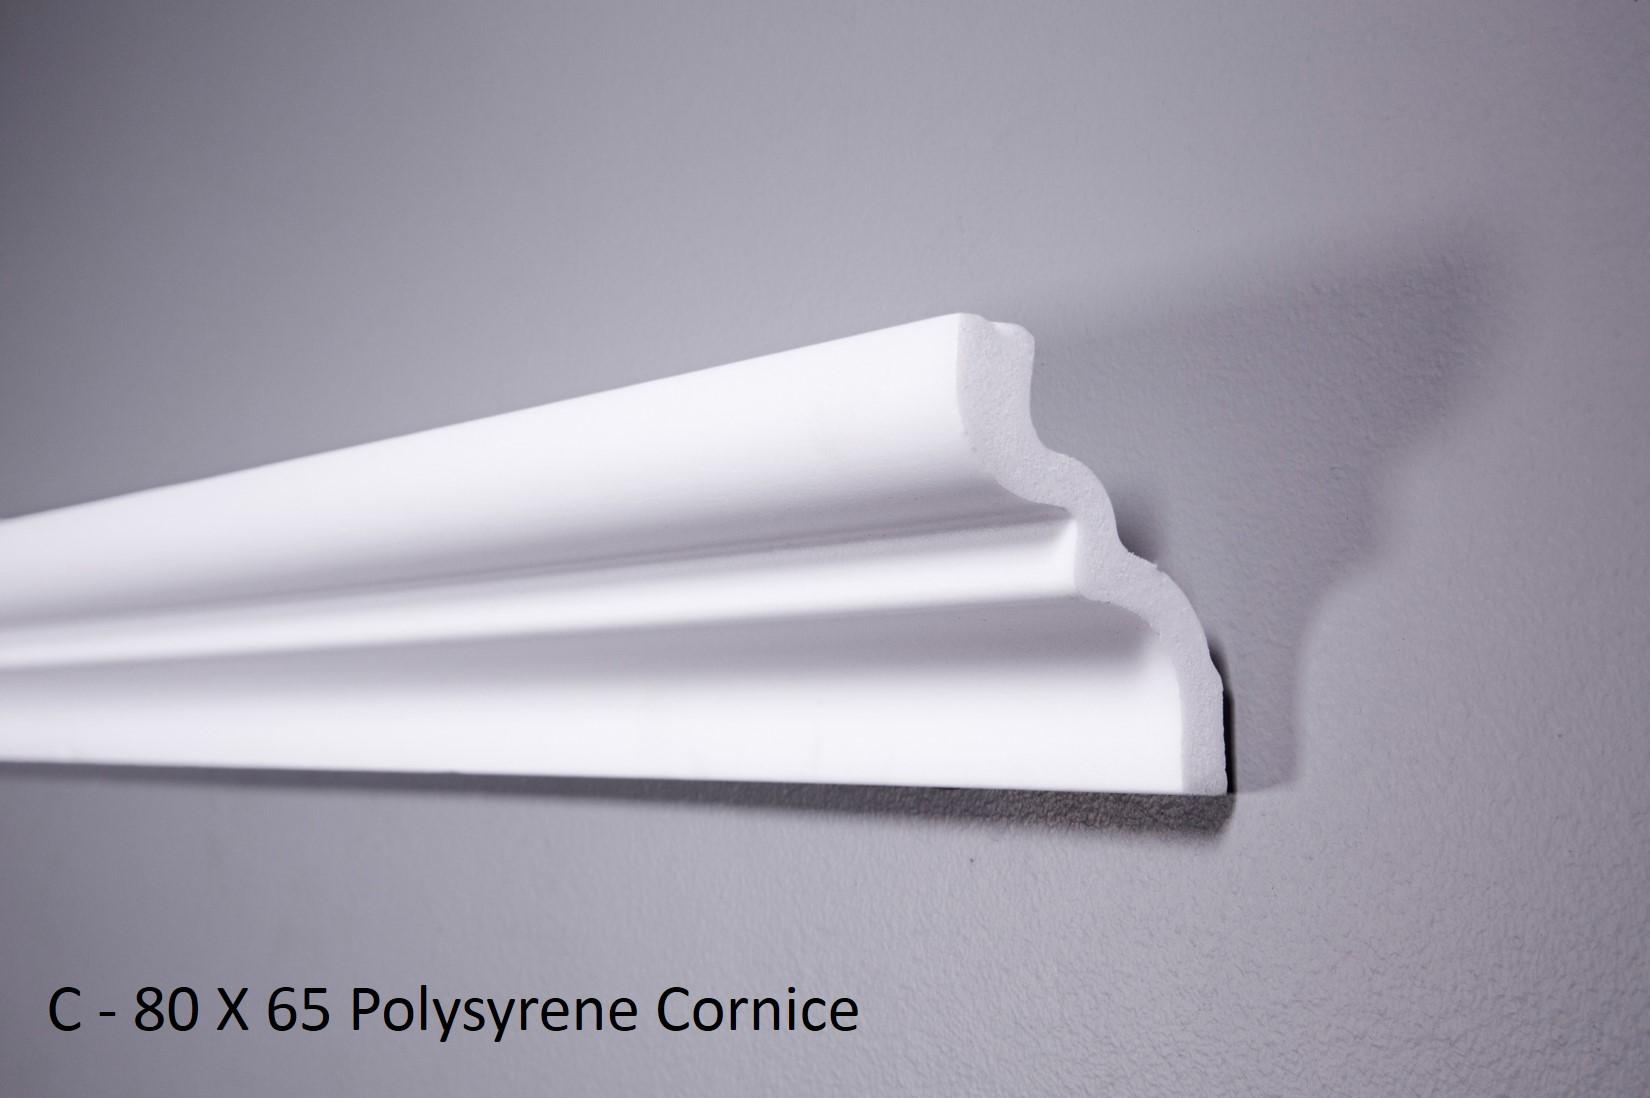 C - 80 X 65 Polysyrene Cornice